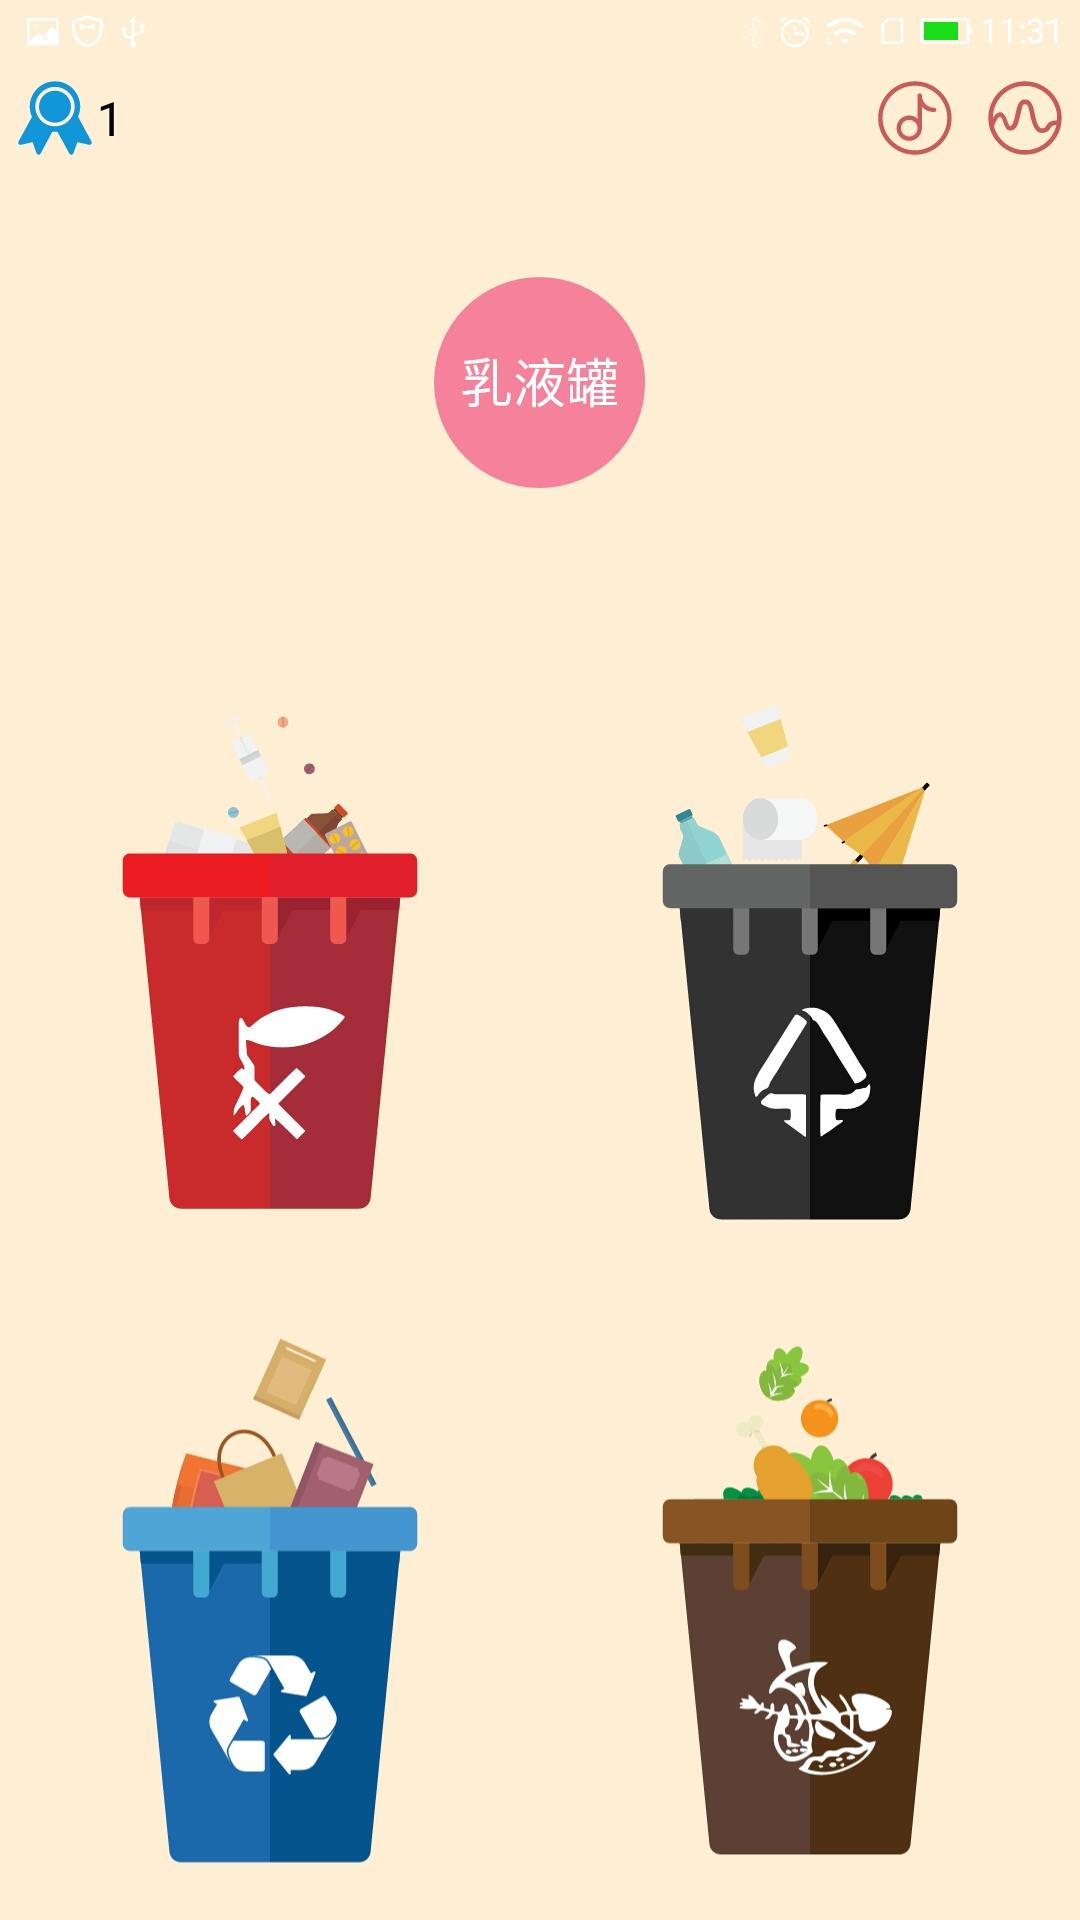 垃圾分类游戏官方版 v1.0截图